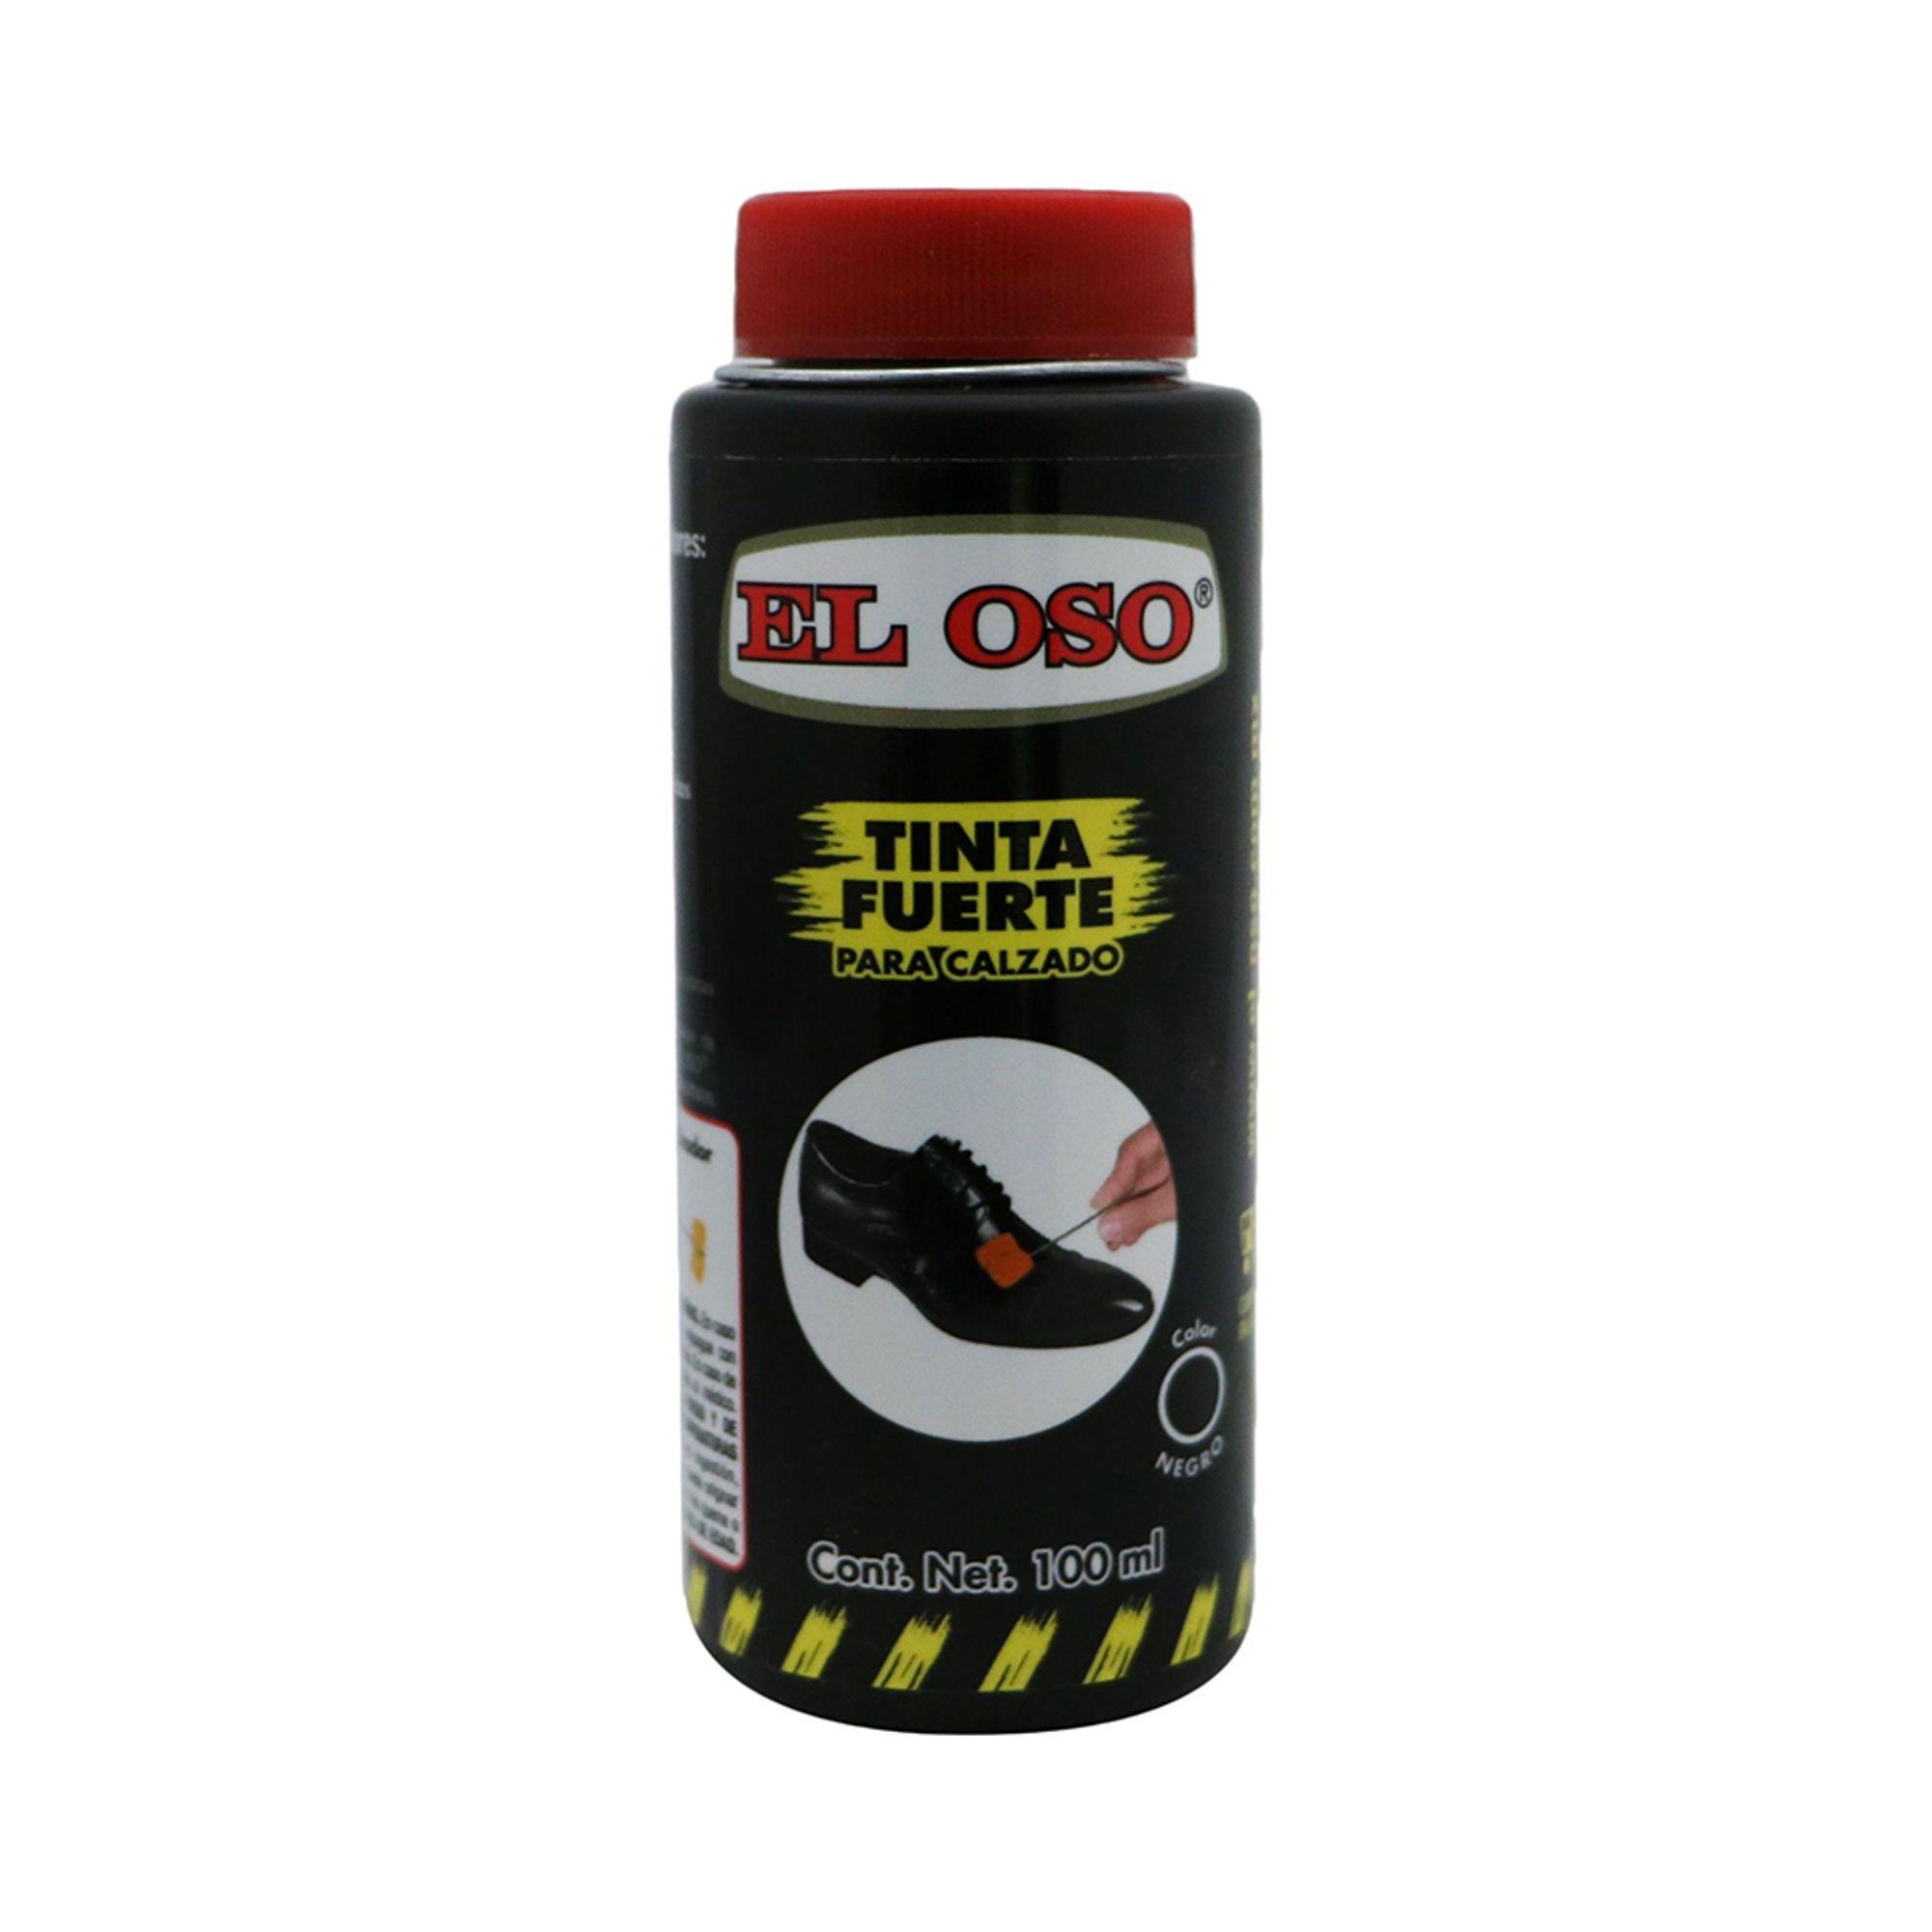 4f280e66 tinta El Oso negra 100ml - EL OSO - surtitienda| Crate & Barrel ...